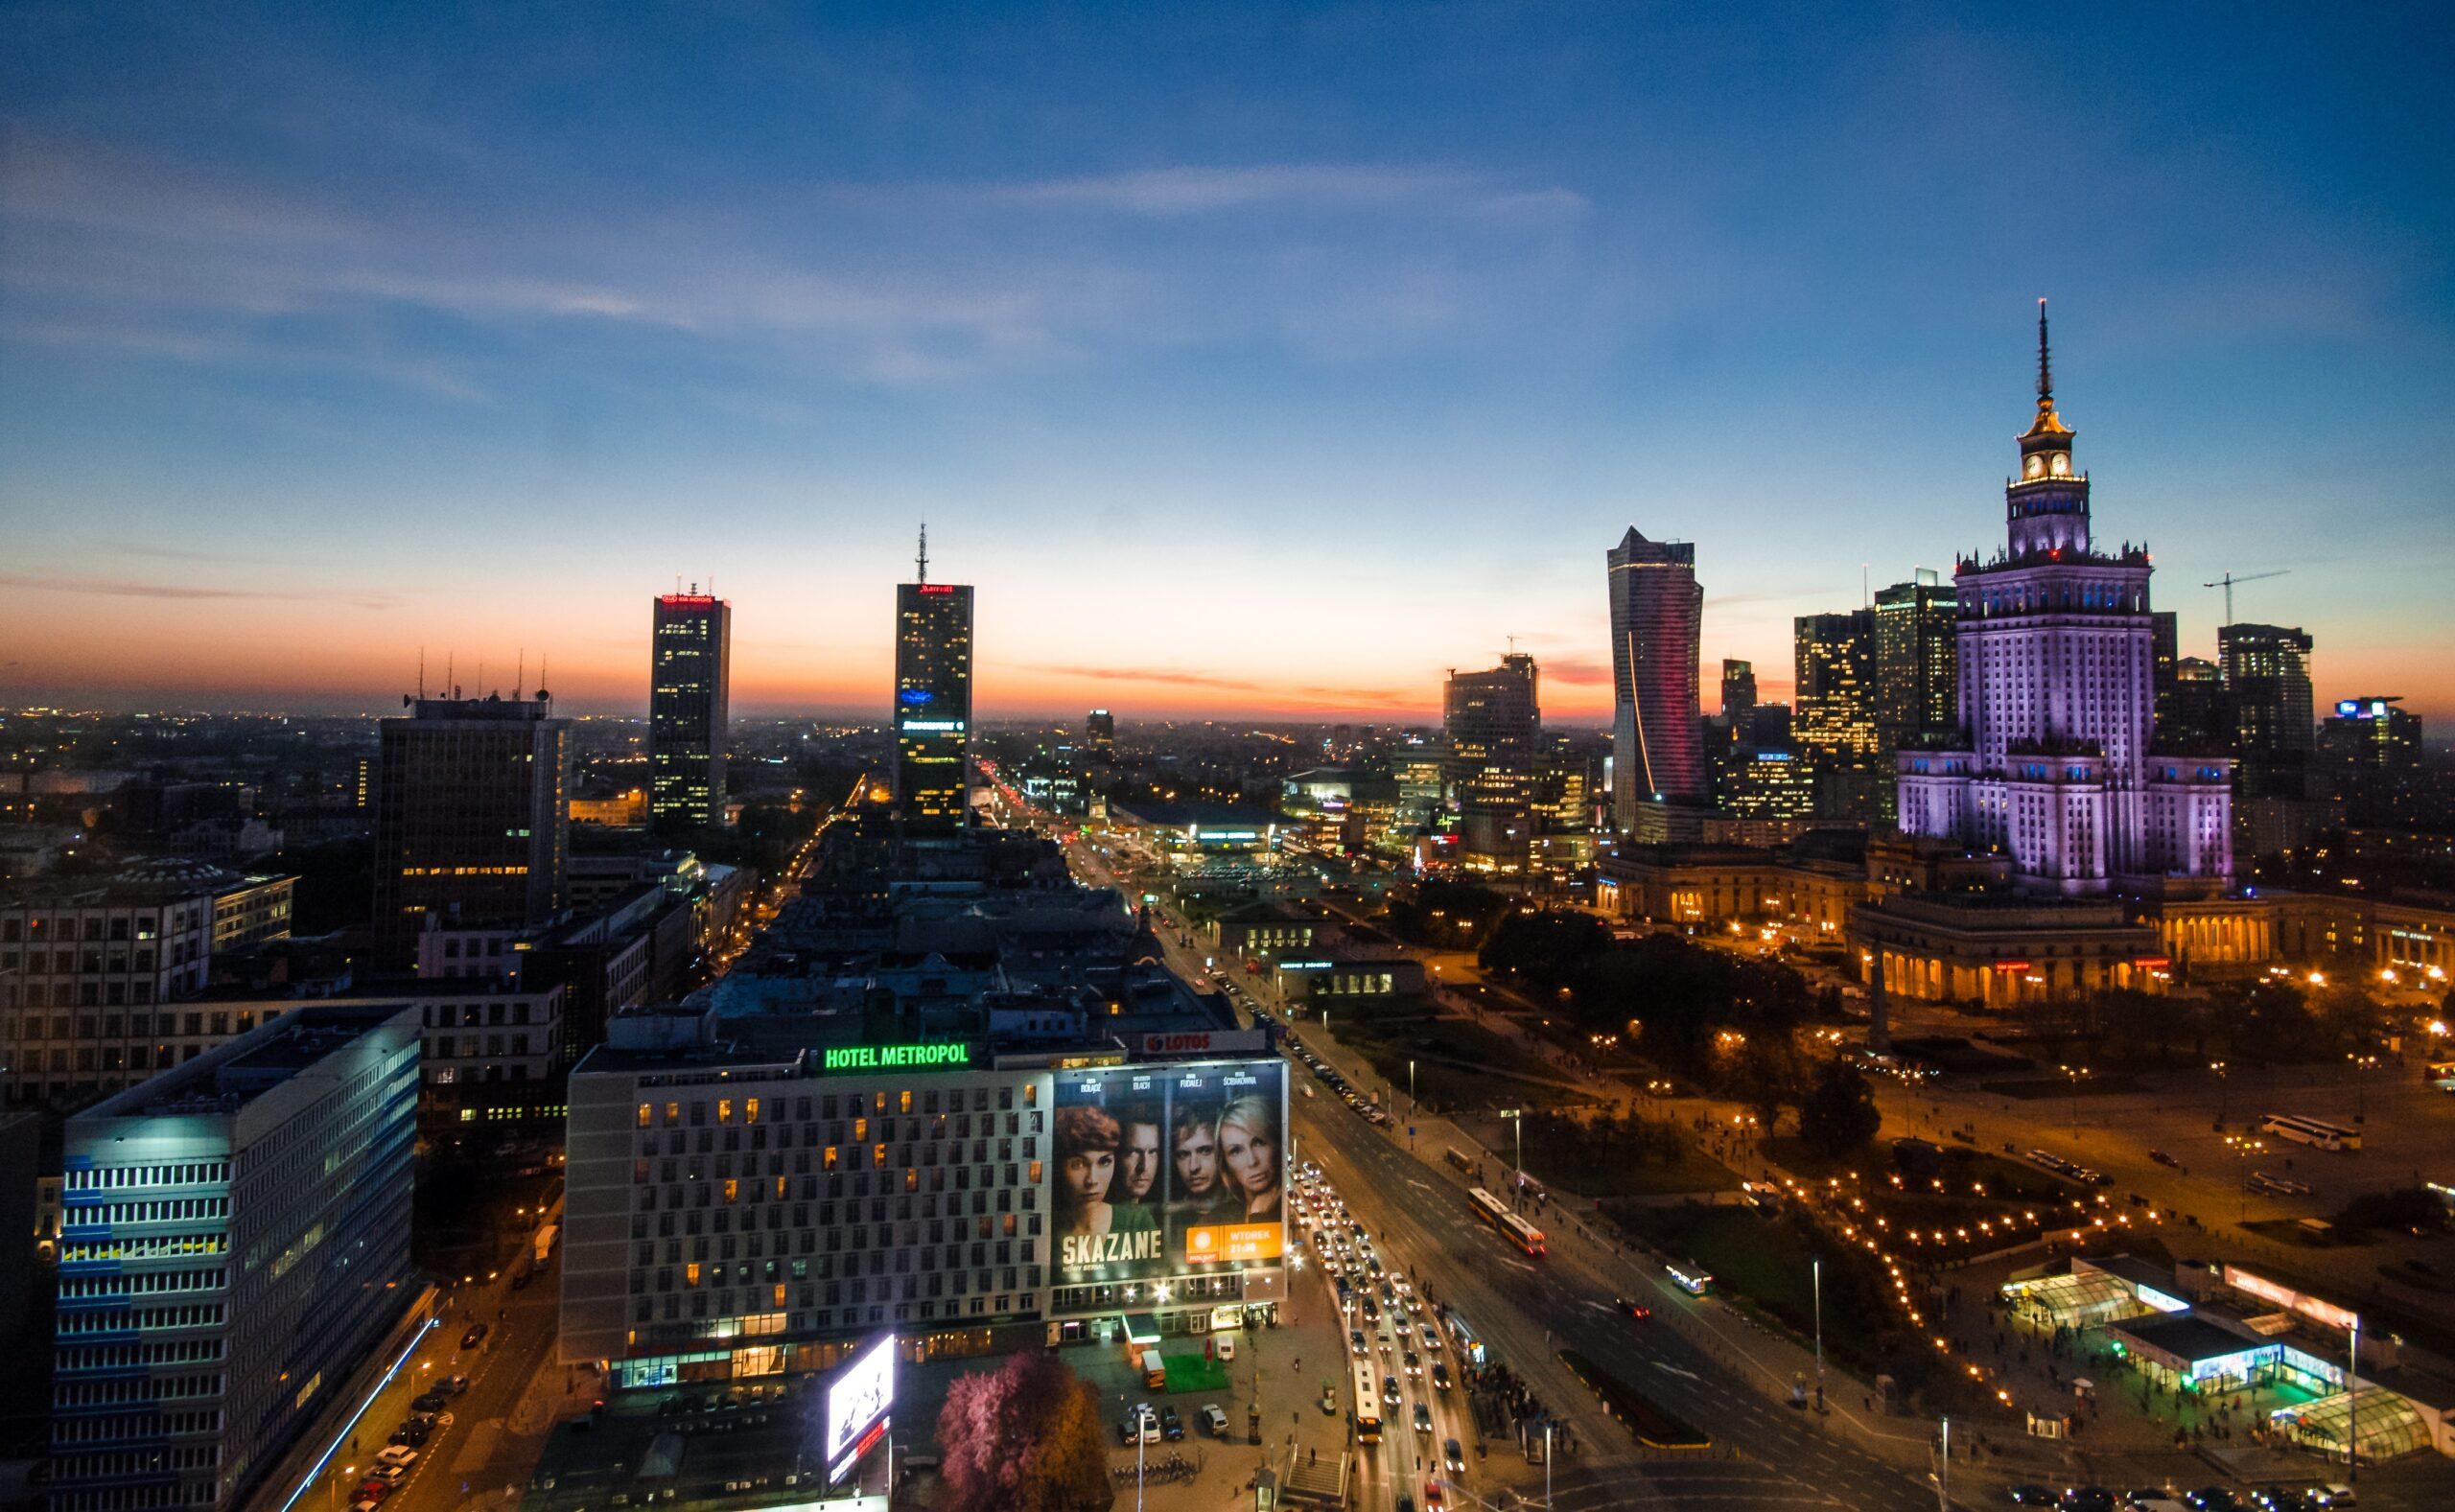 najlepsze muza w warszawie stolicy polski